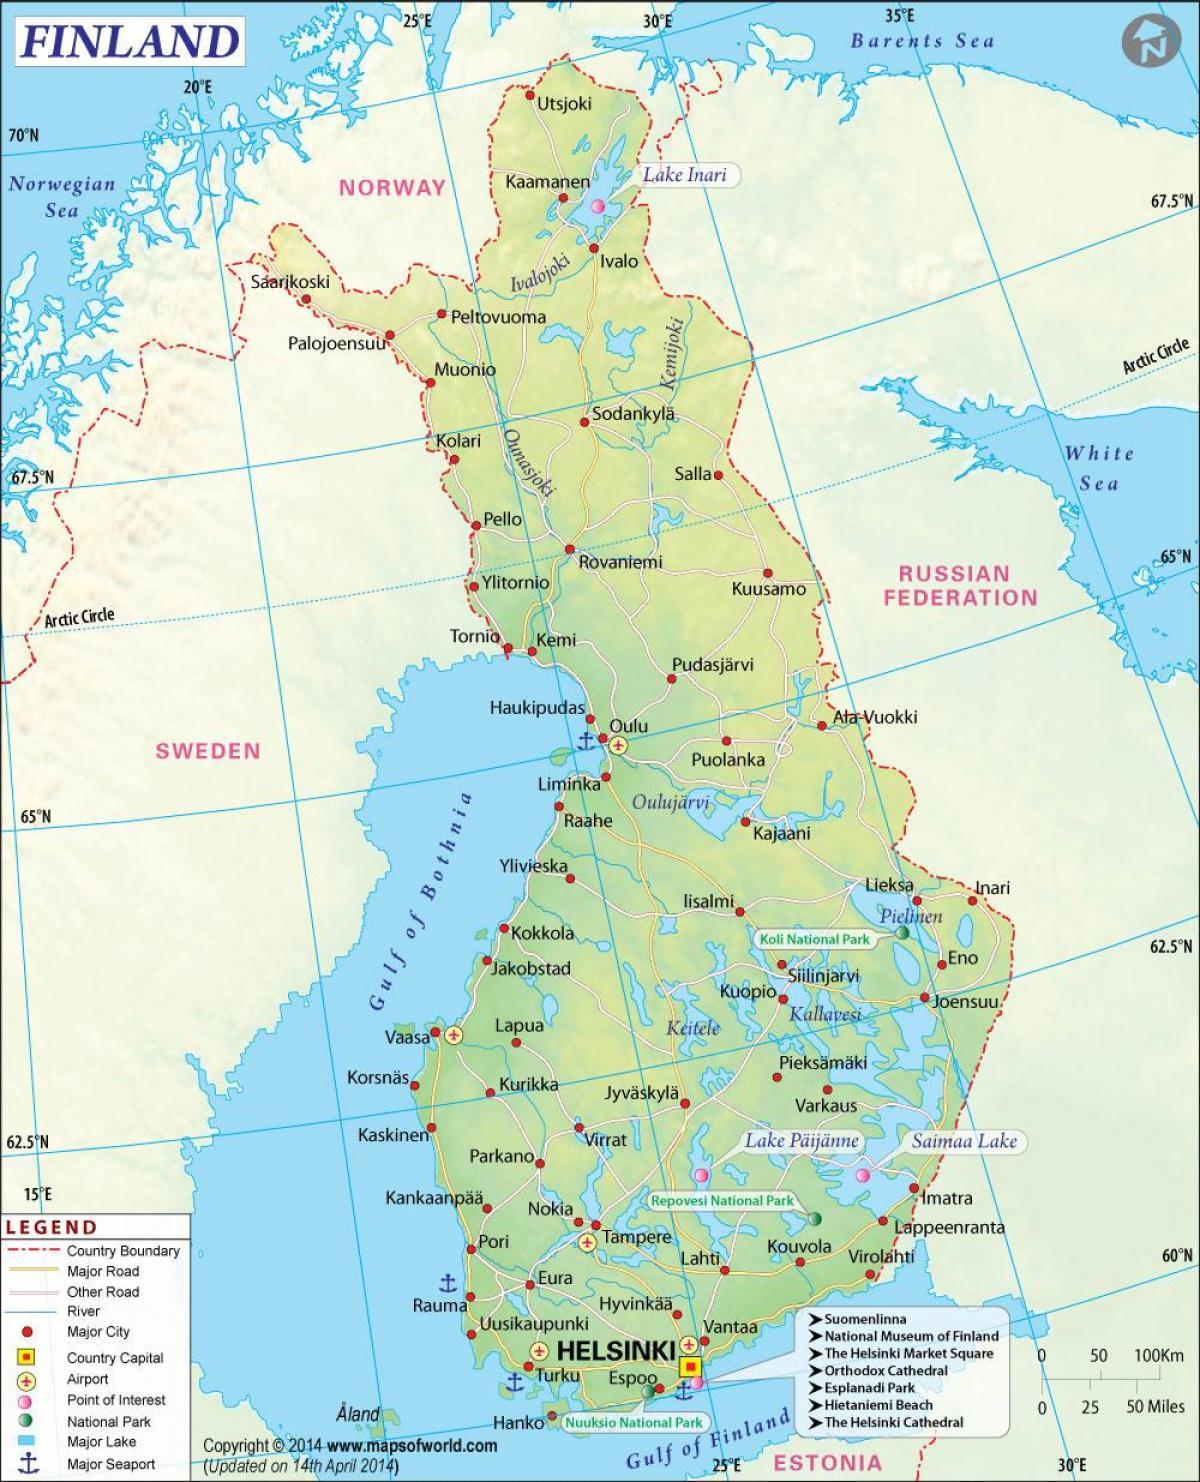 Cartina Geografica Norvegia Fisica.123scuola Com Ii Media Unita 6 La Regione Nordica Area Scandinava E Baltica